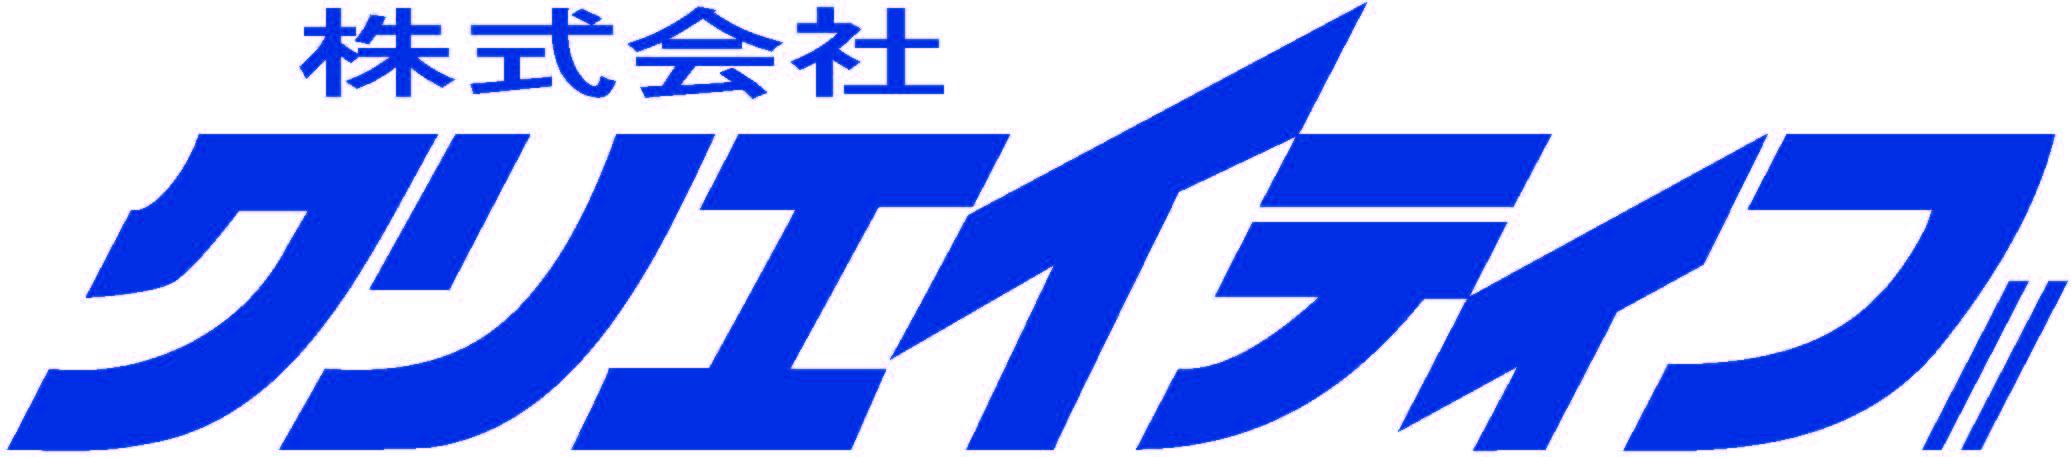 株式会社クリエイティブ 東京支店